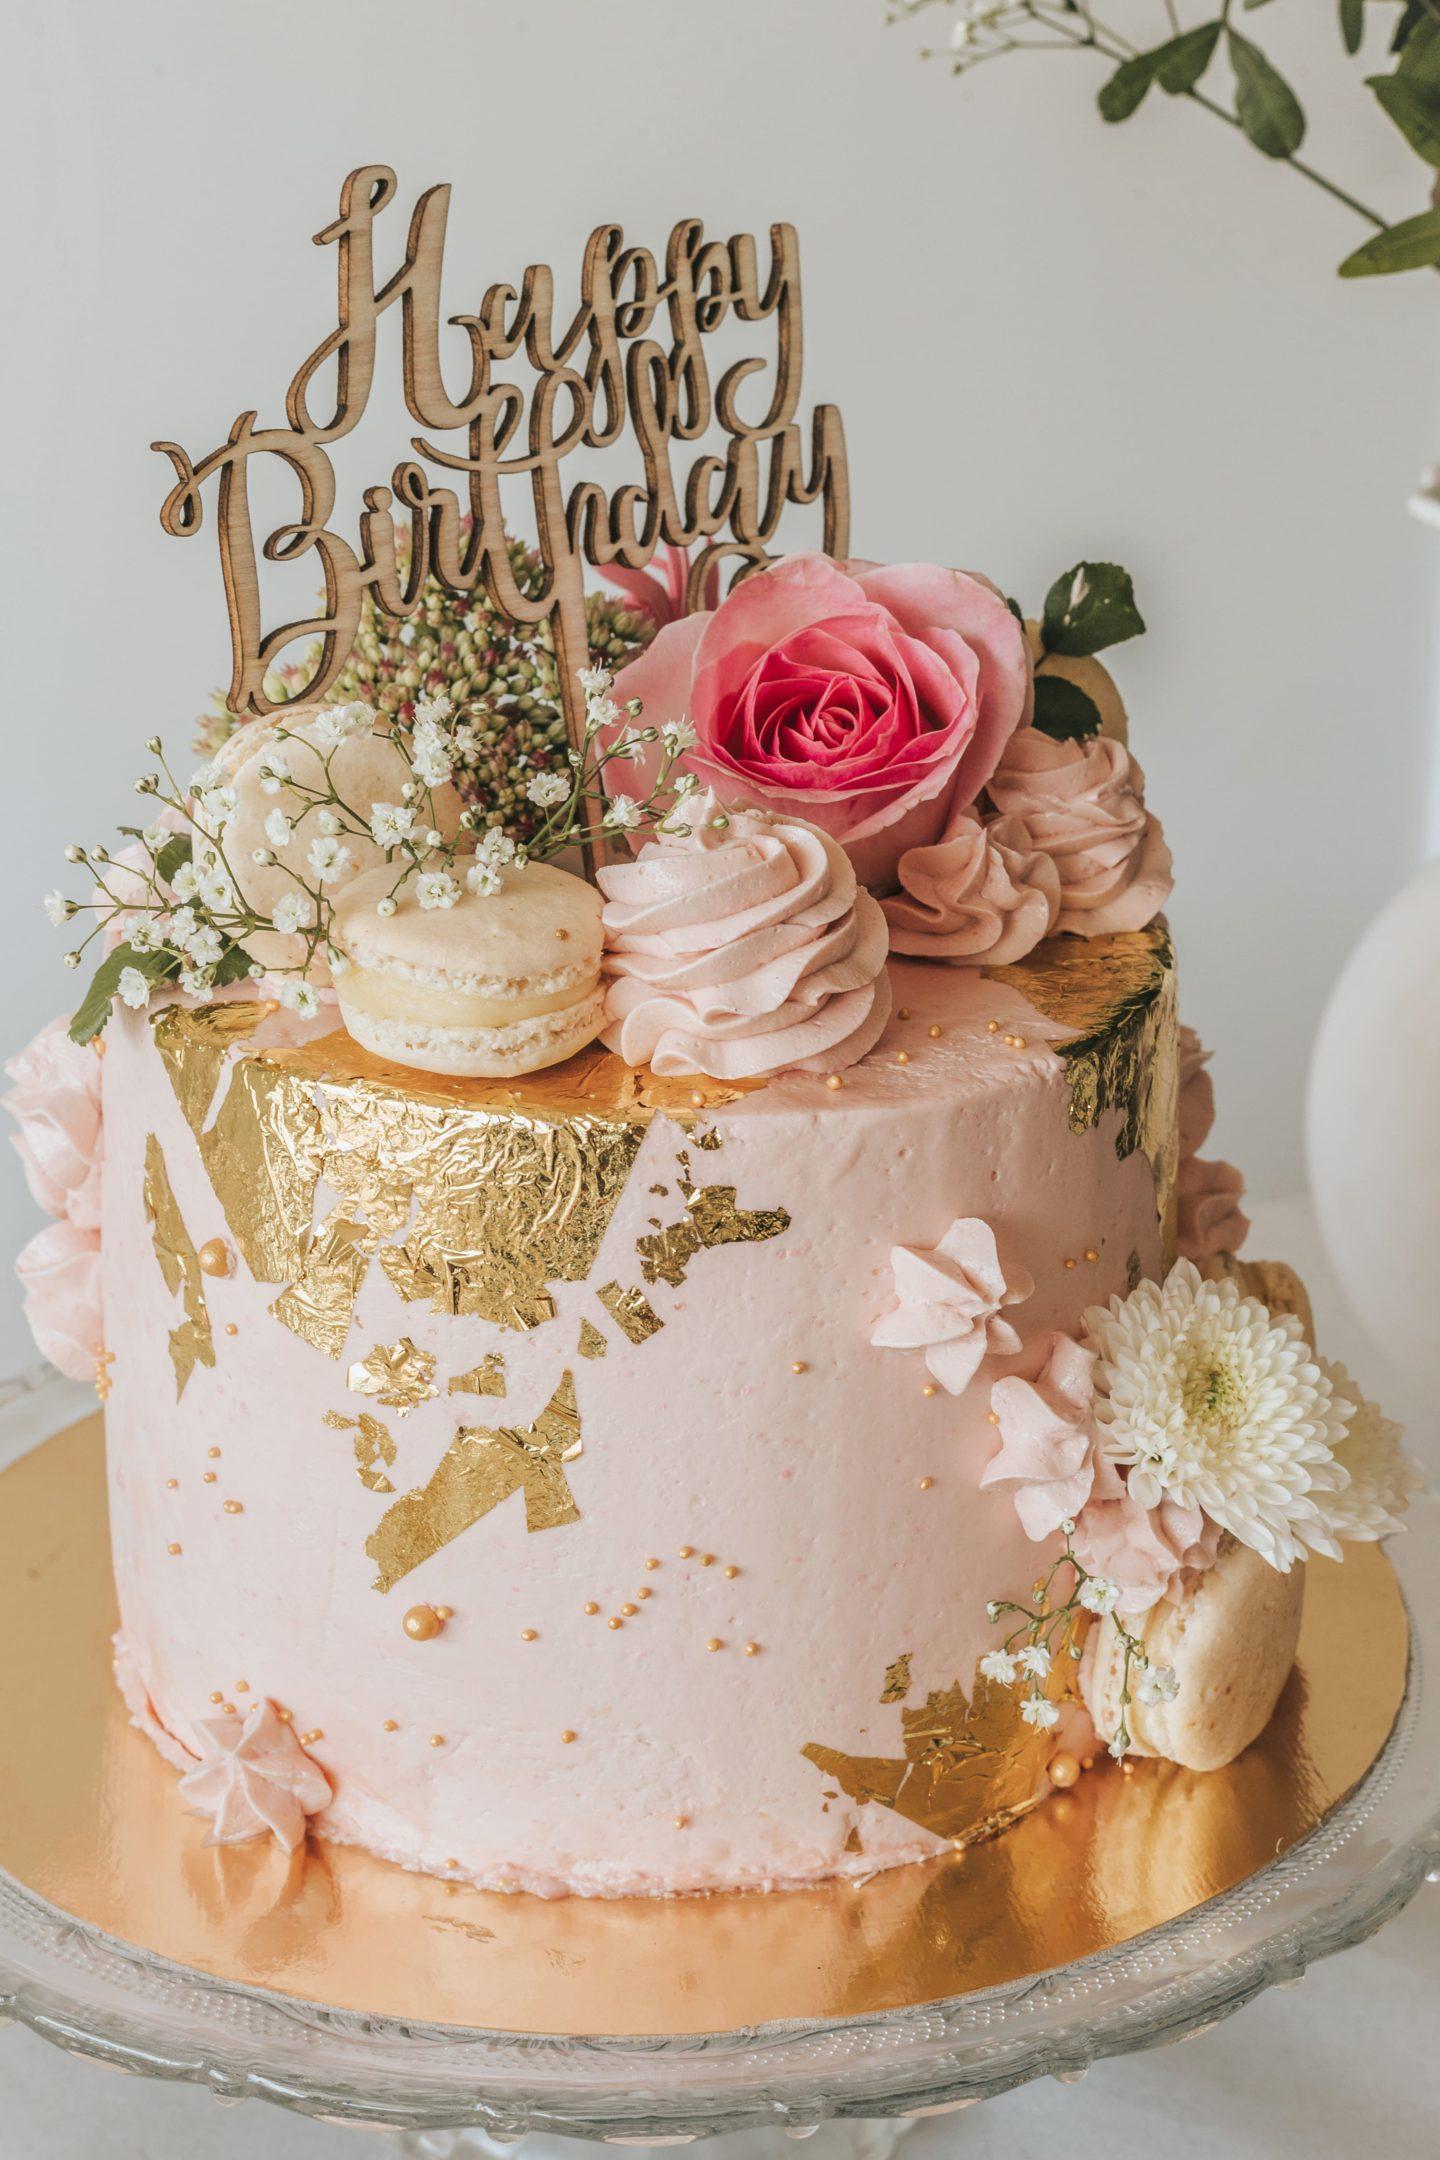 gâteau d'anniversaire pastel, rose, tendance, décoration, crème, fraises, gourmandise, sweet.